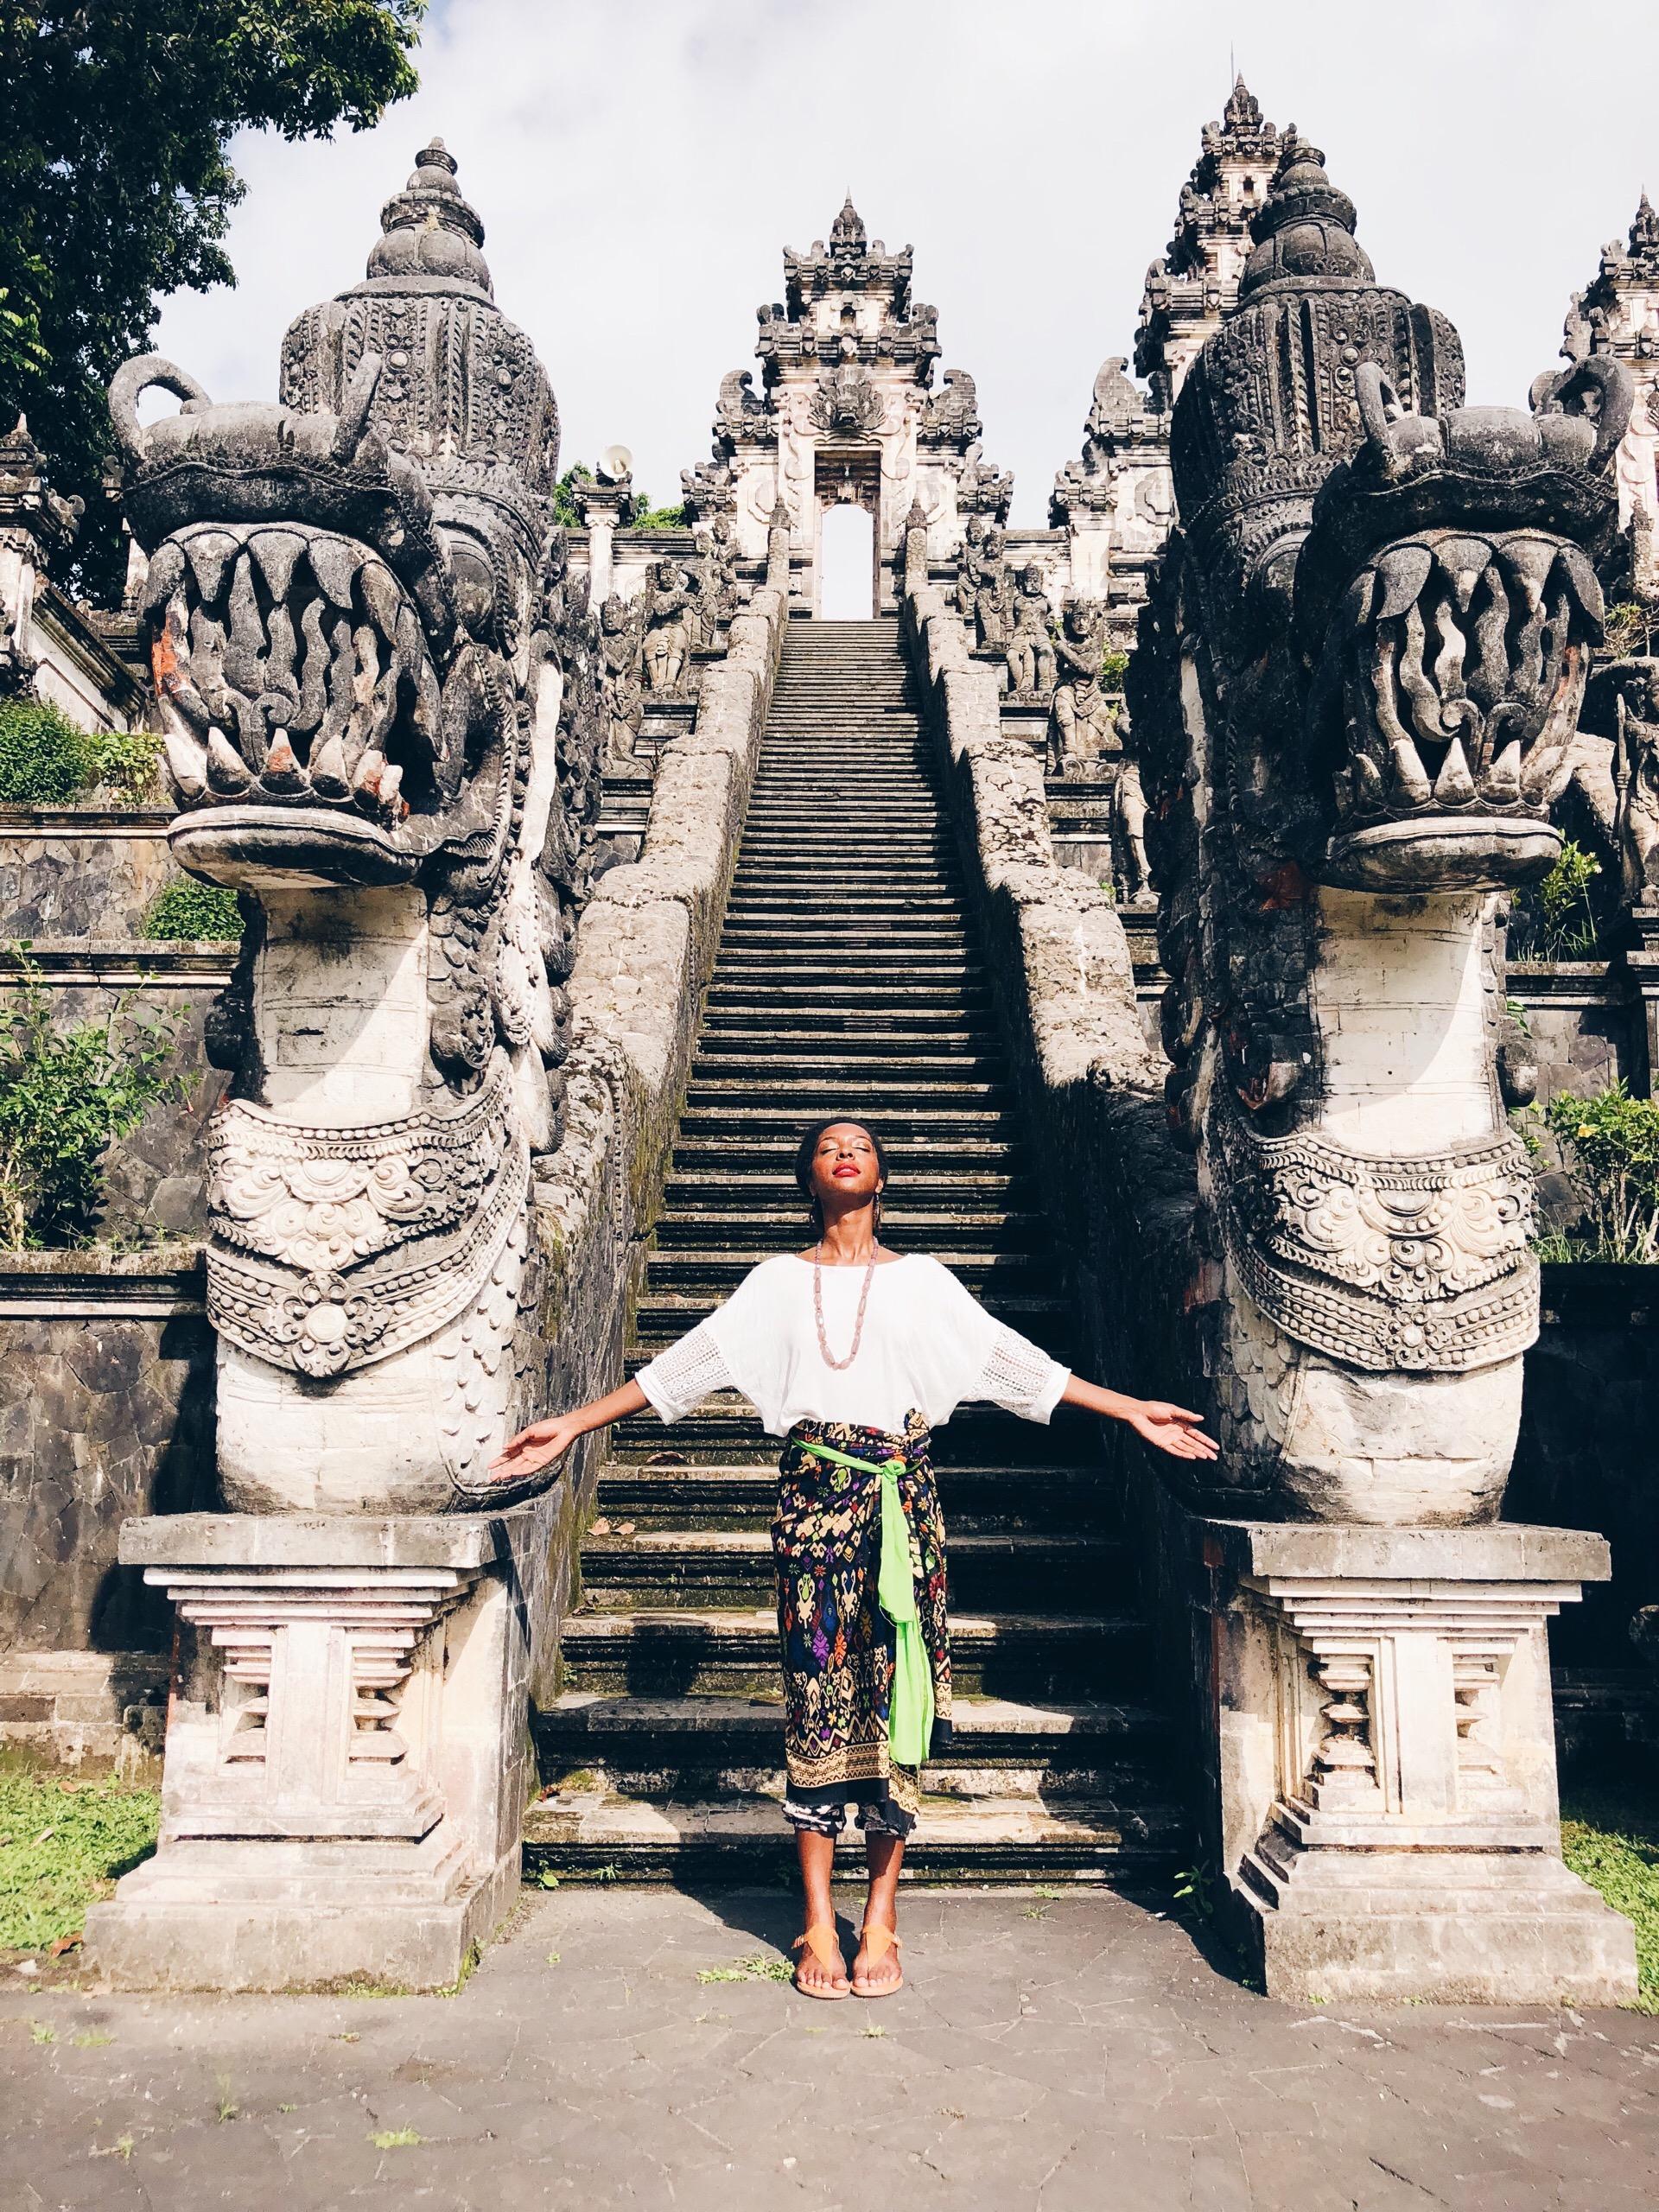 Pura Lempuyang Temple in Bali